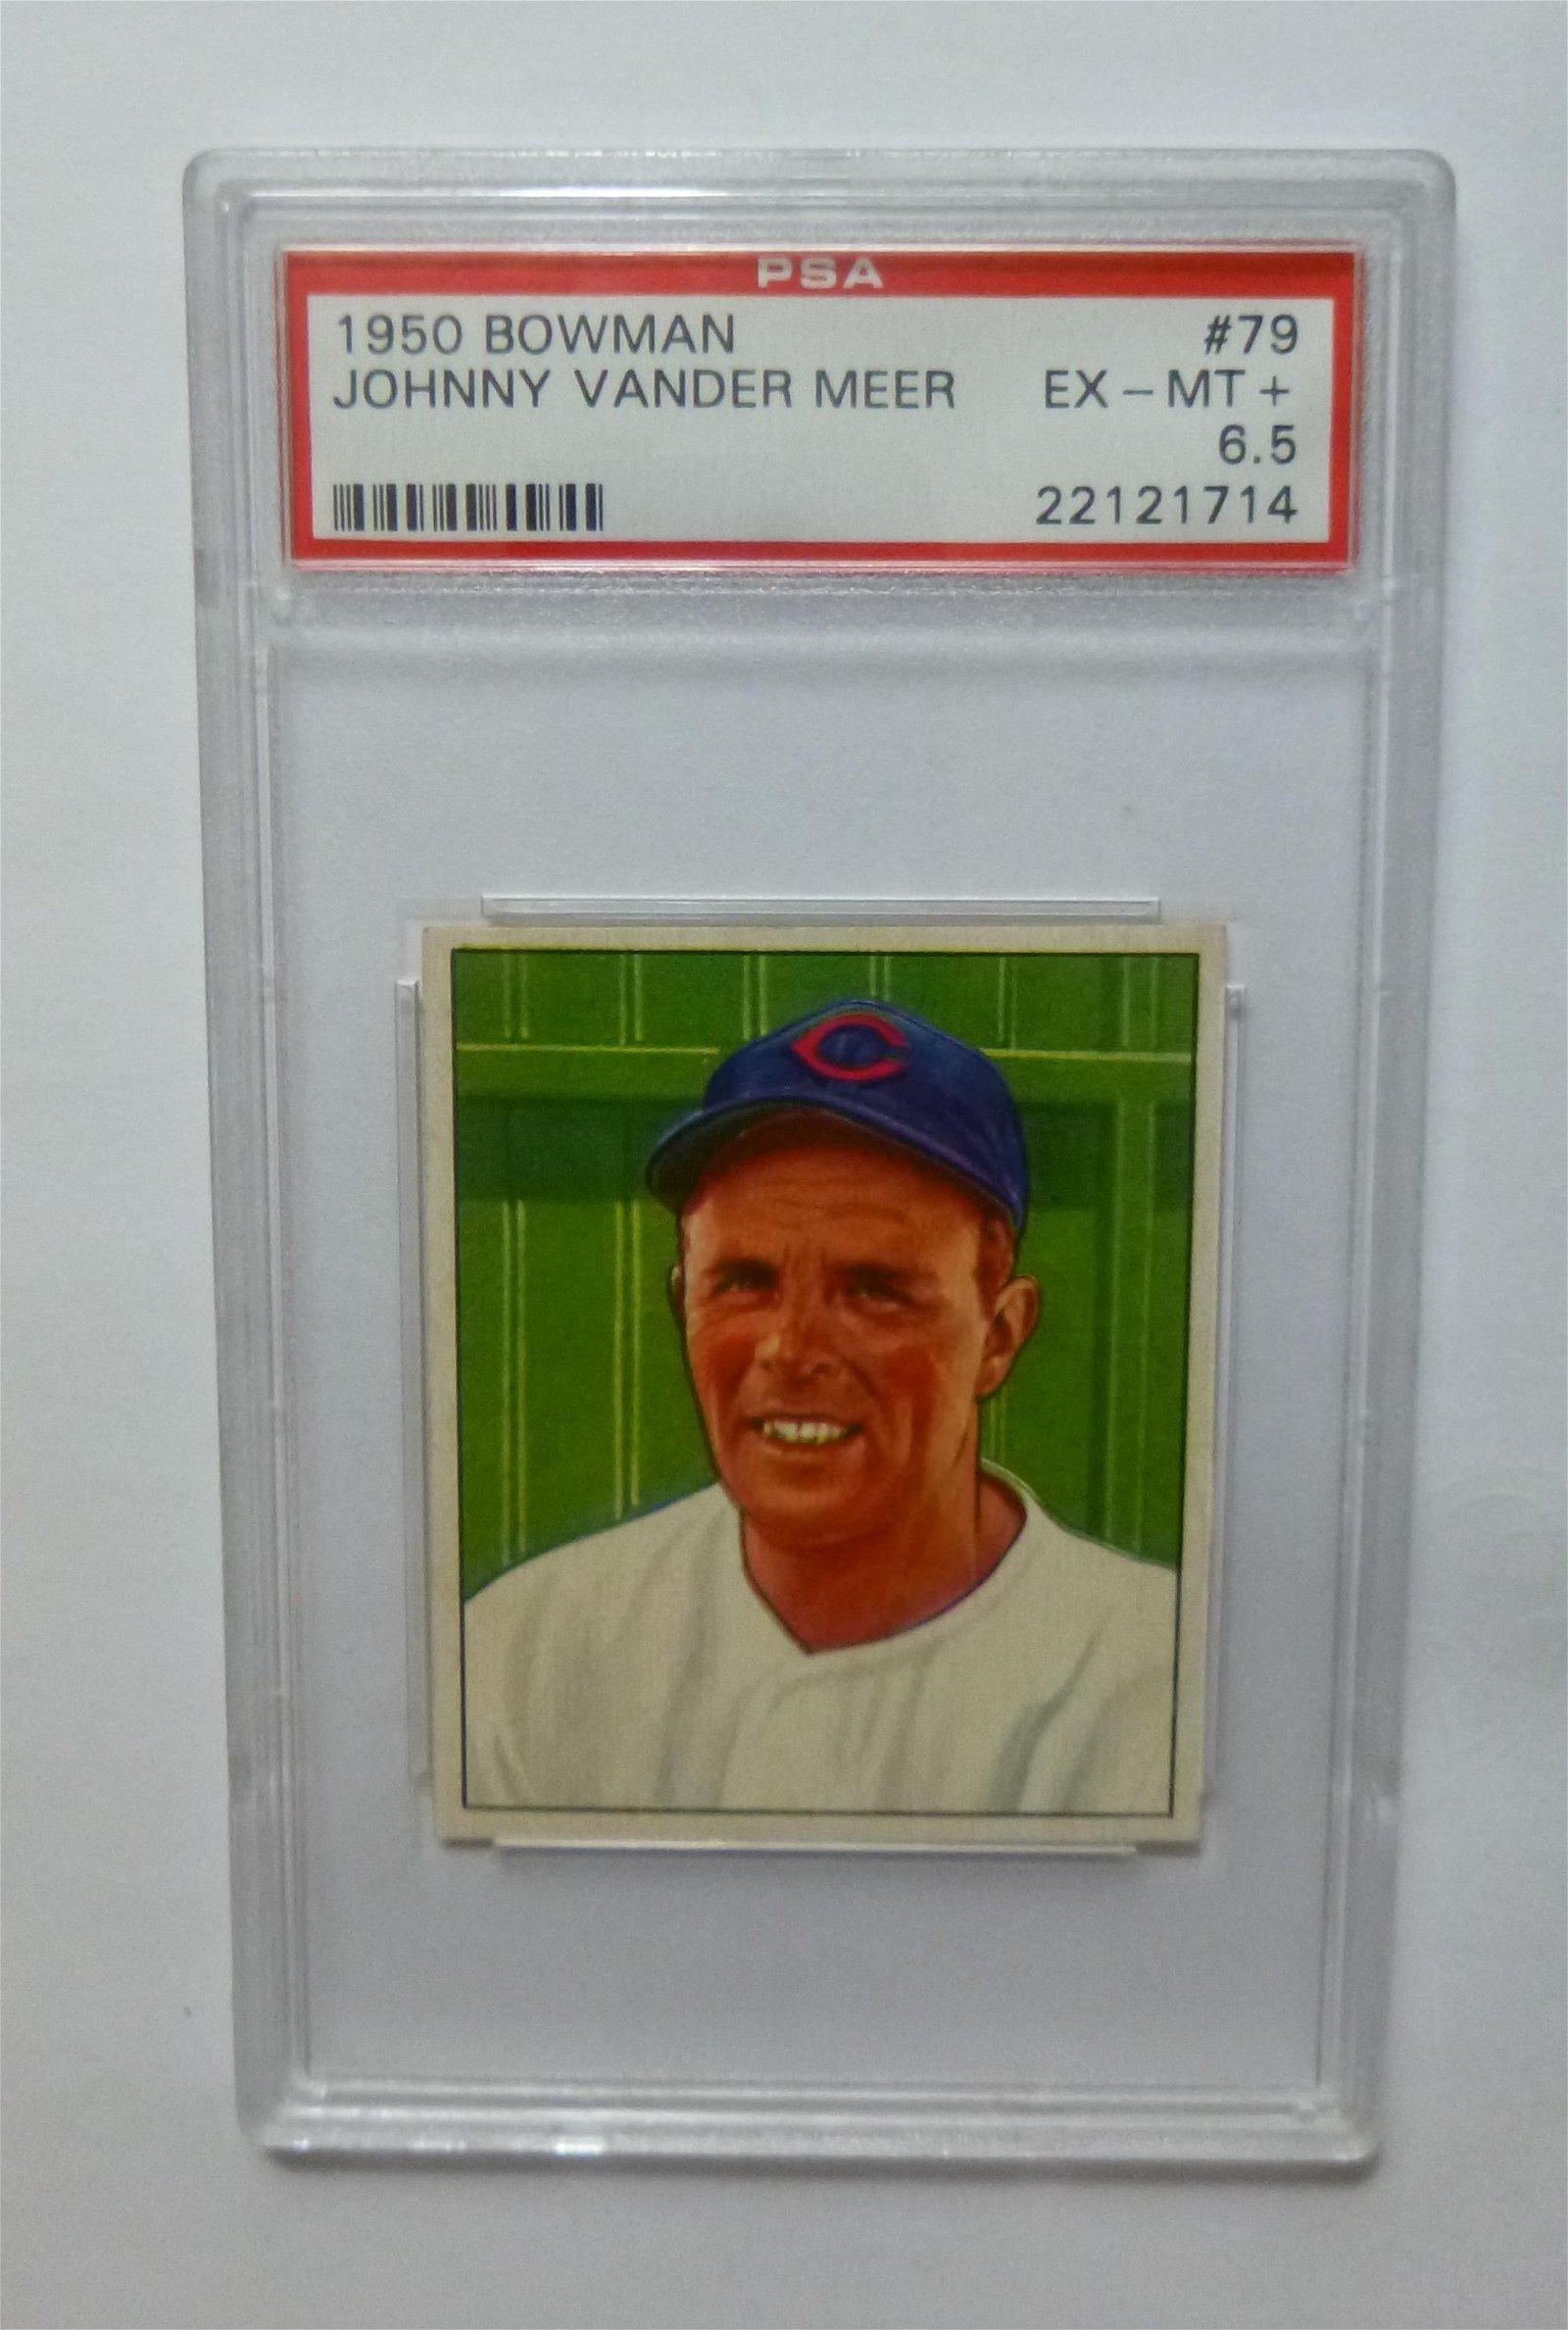 1950 Bowman #79  Johnny Vandermeer PSA 6.5